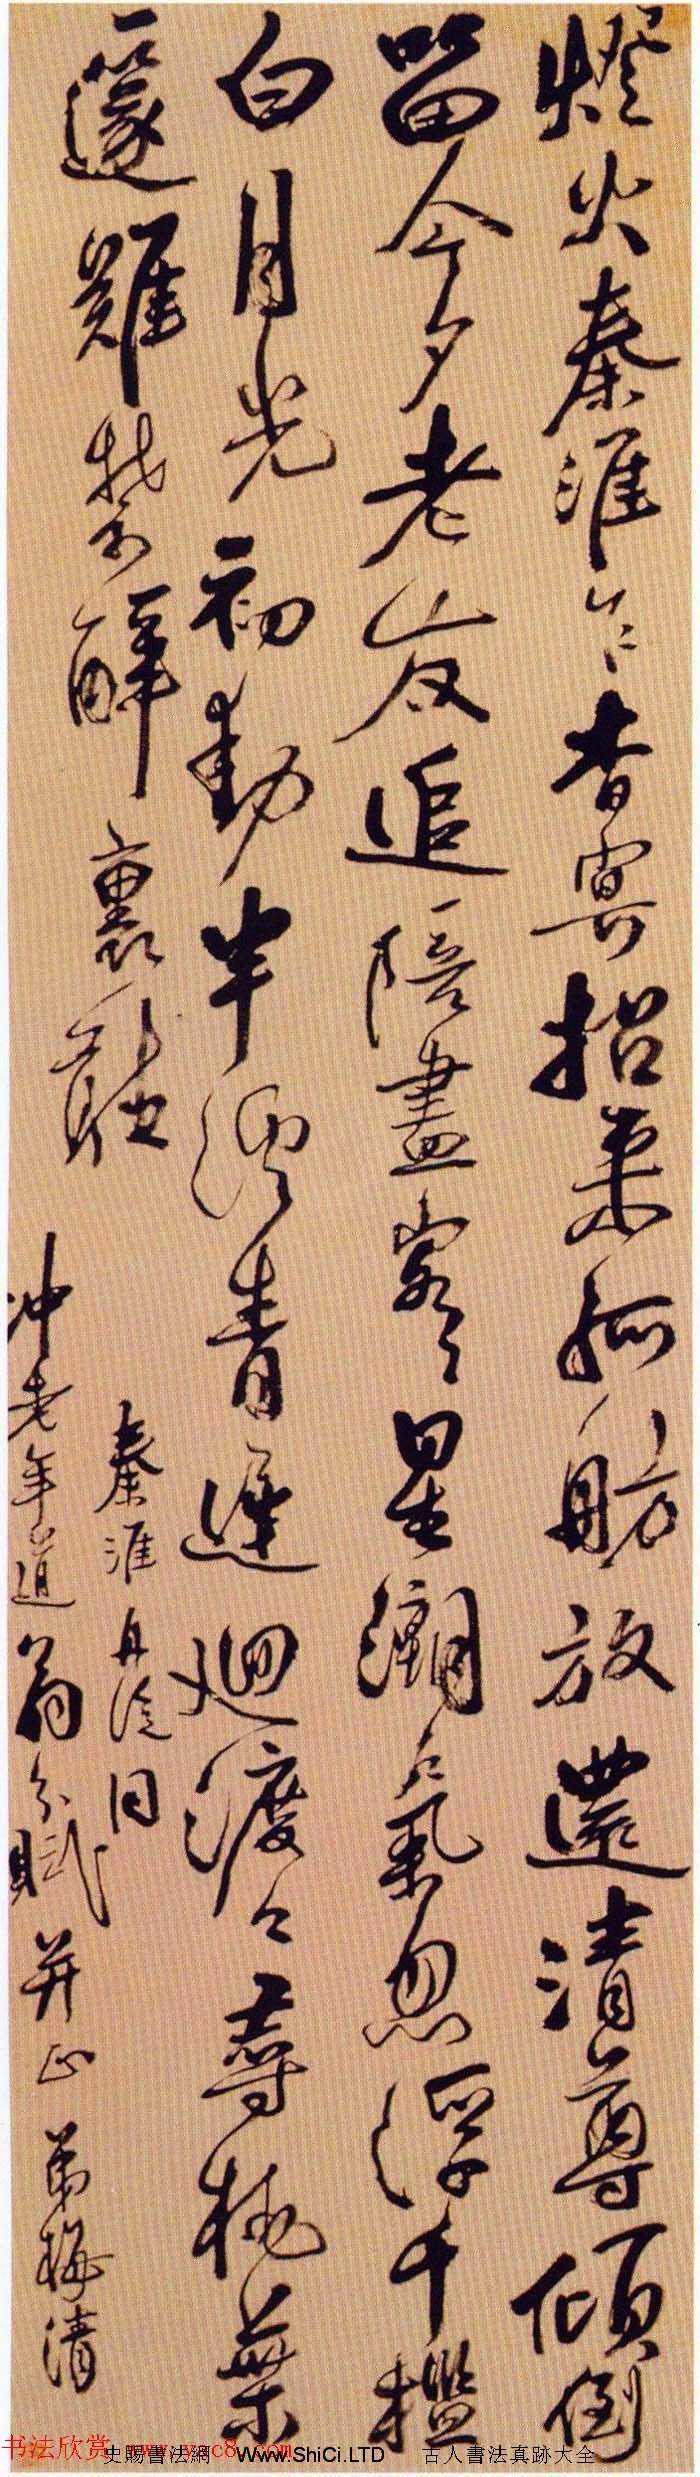 黃山畫派代表梅清書法墨跡賞析